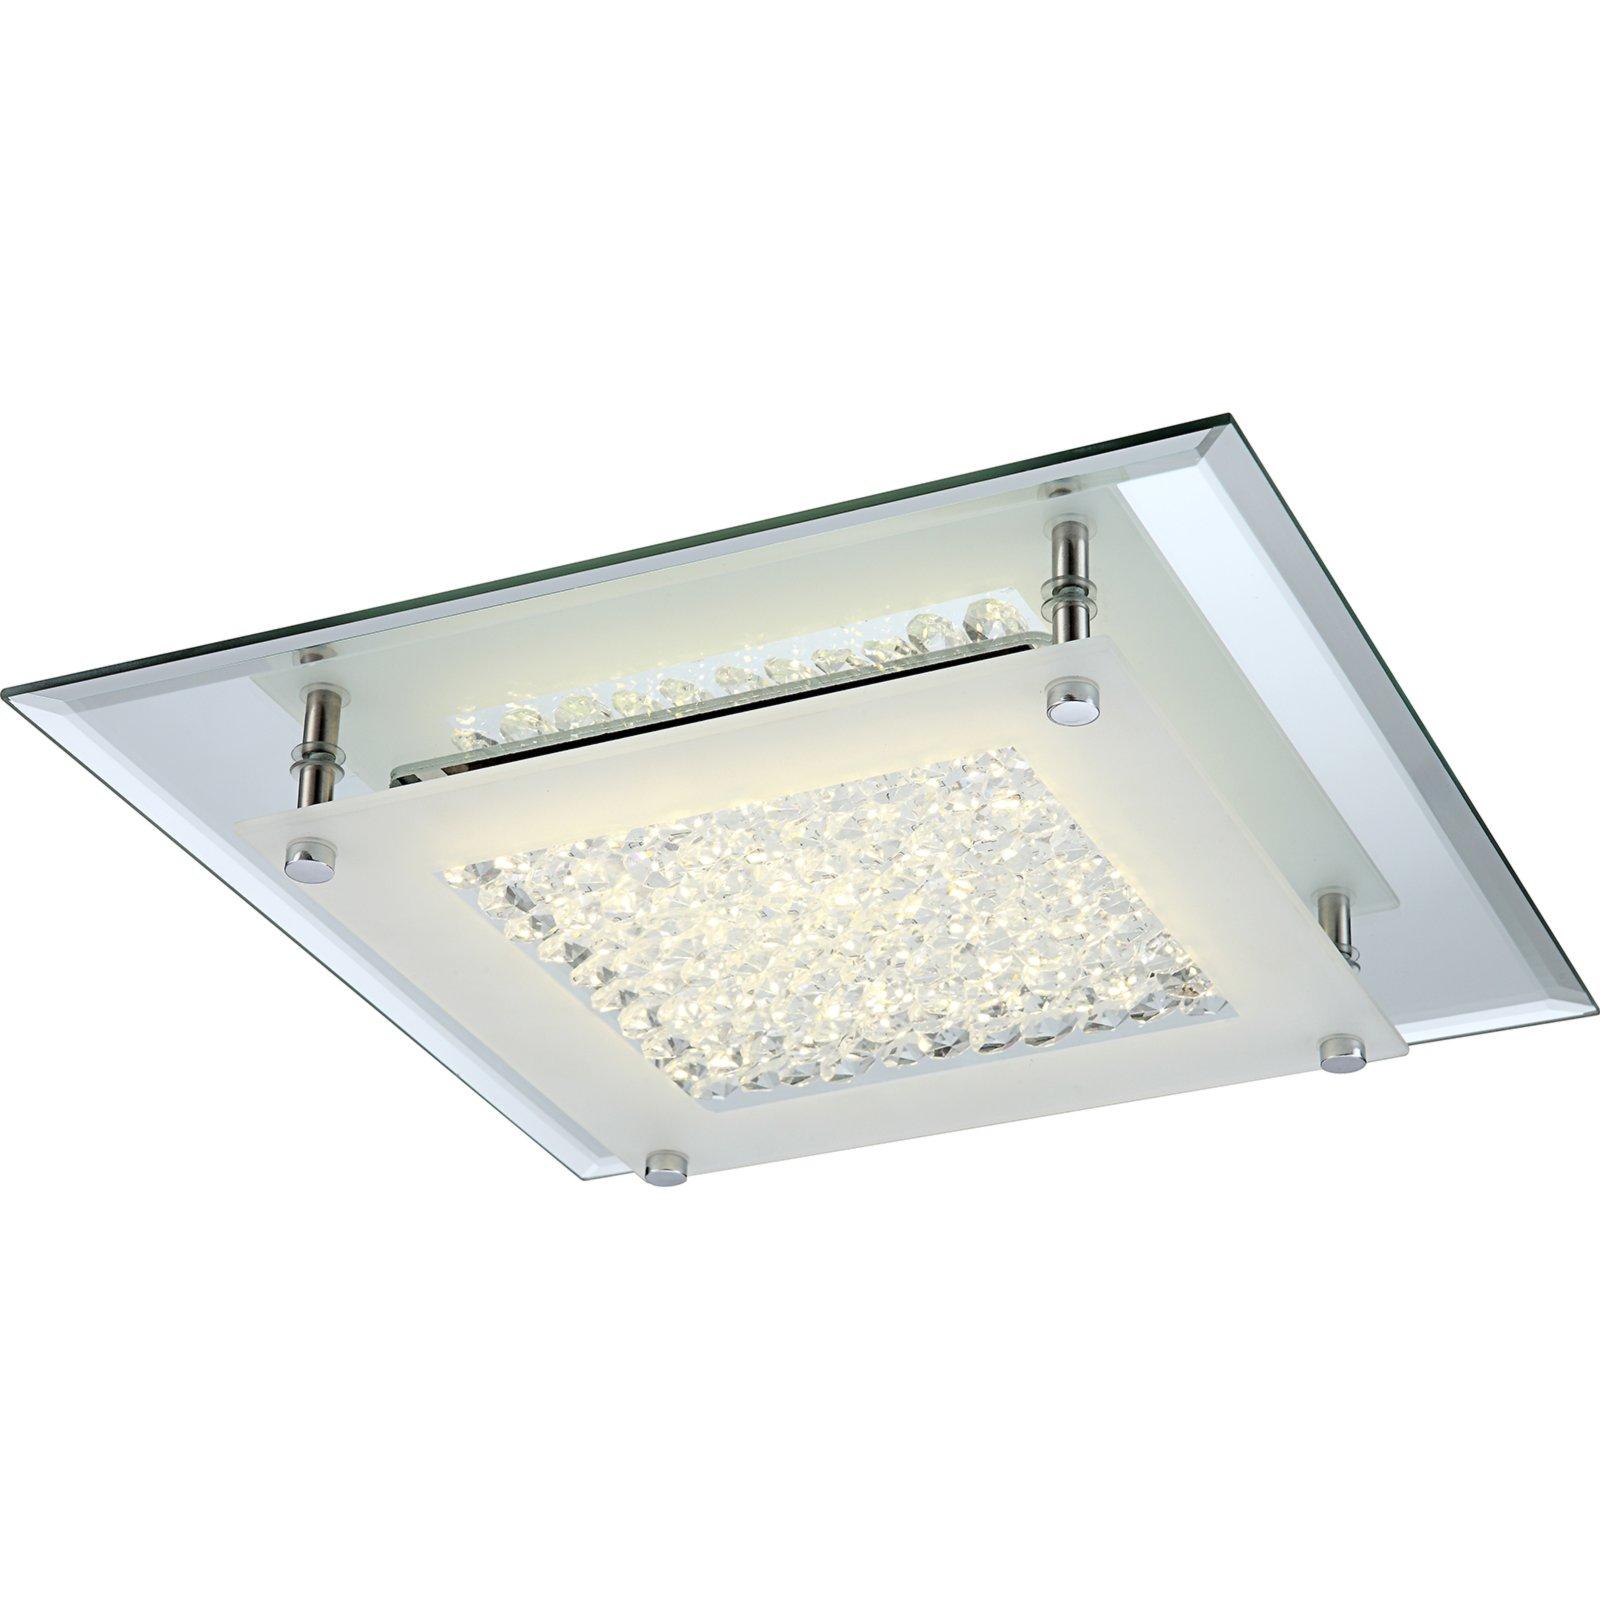 Led deckenleuchte chrom glaskristalle led for Led lampen deckenleuchten